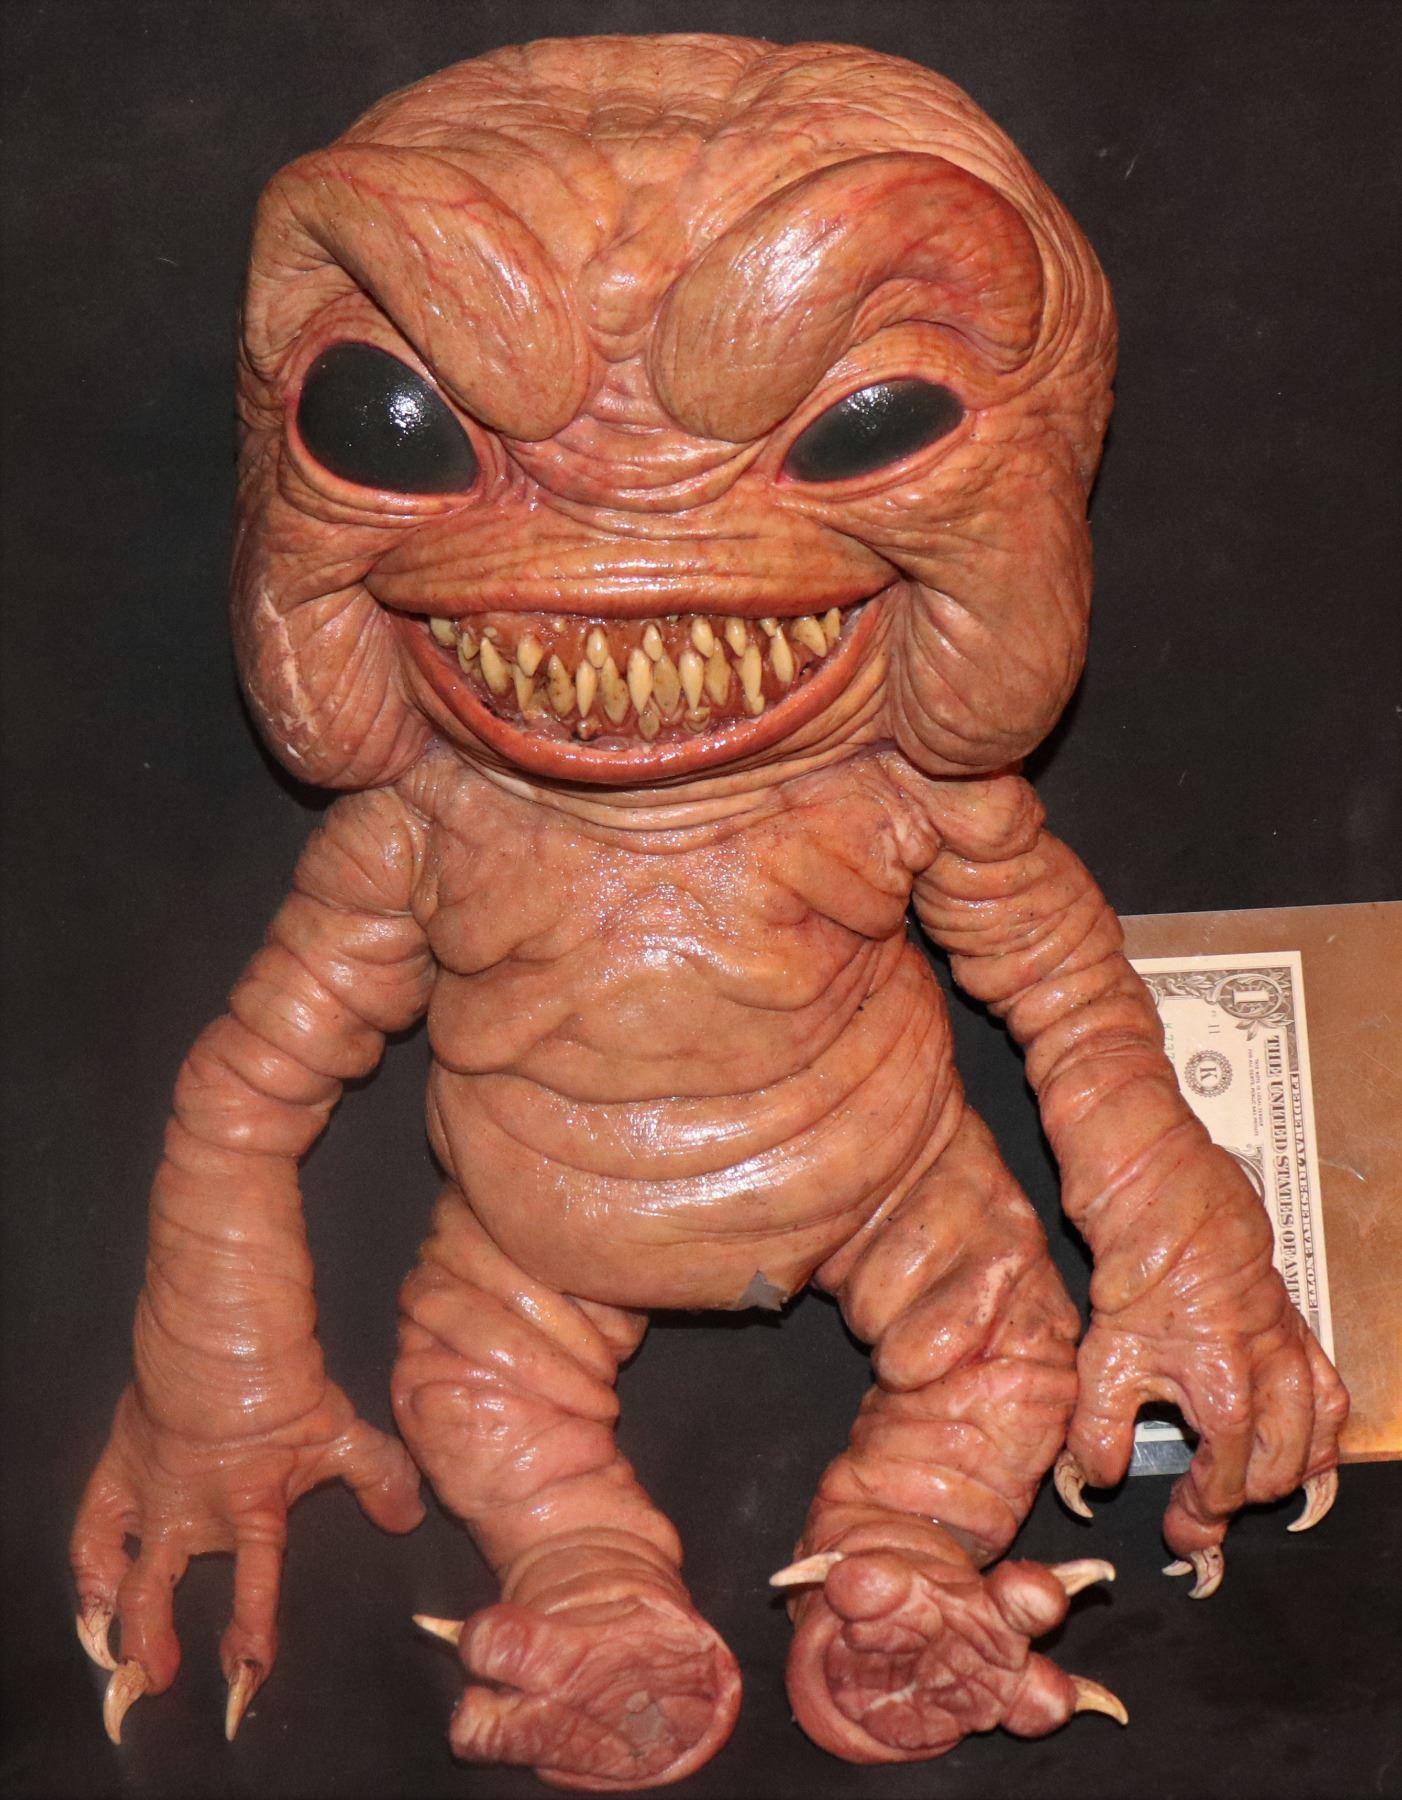 Image 1 Bad Milo The Asshole Demon Creature Complete Puppet